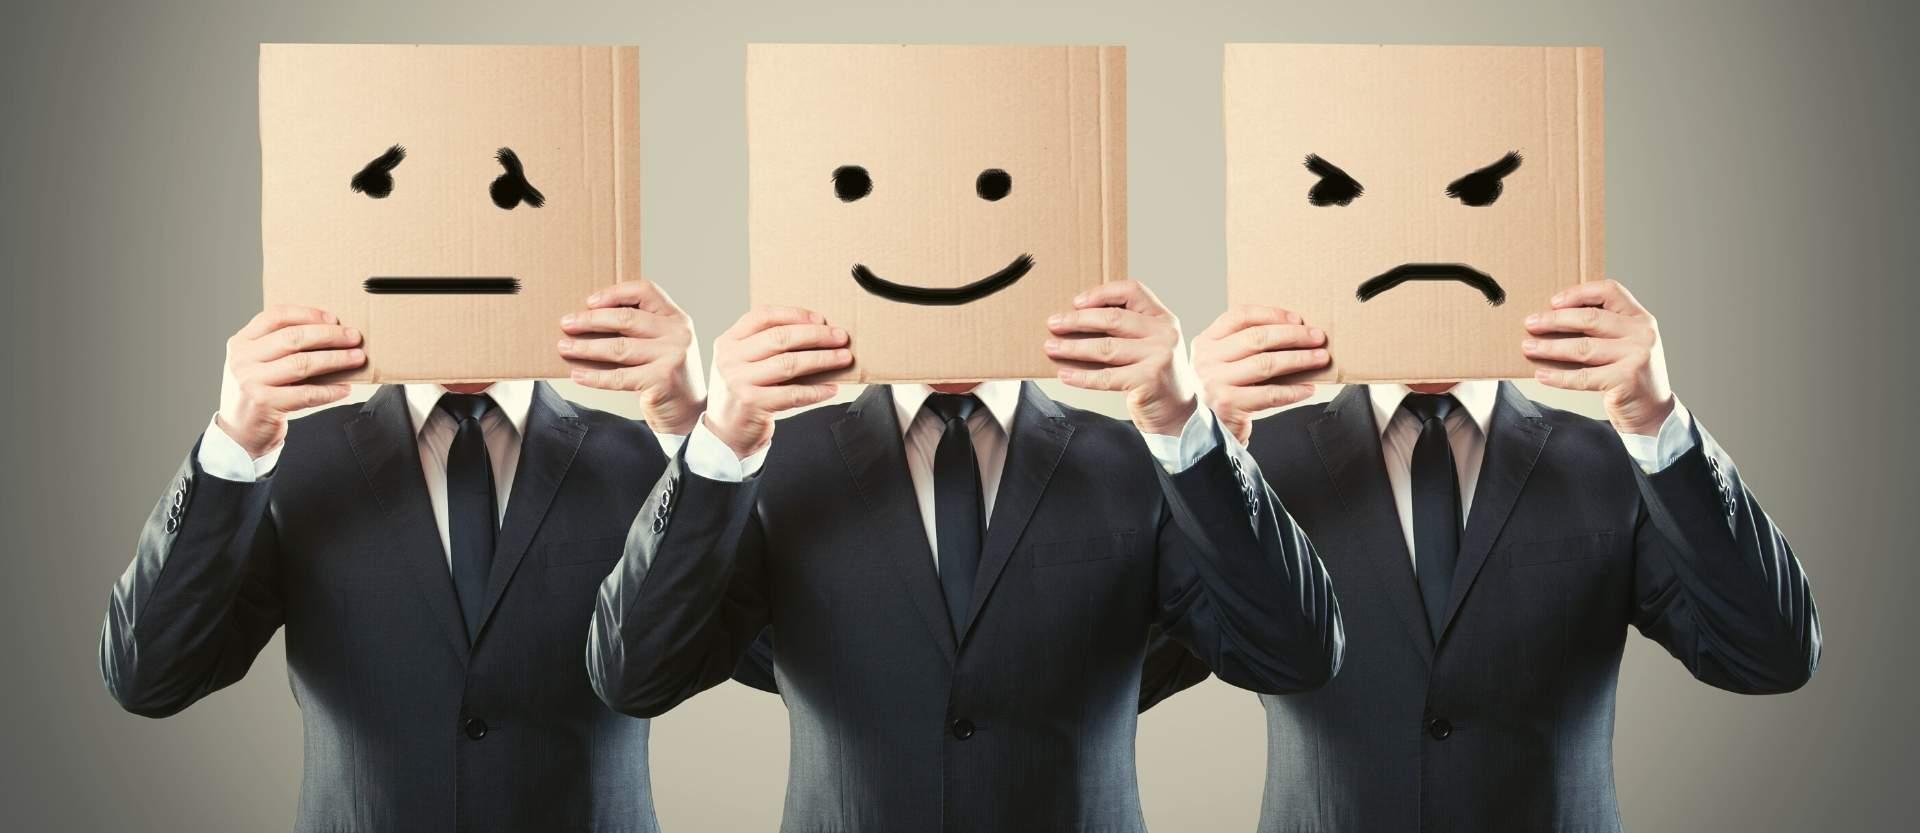 Emočná inteligencia a jej využitie v podnikaní